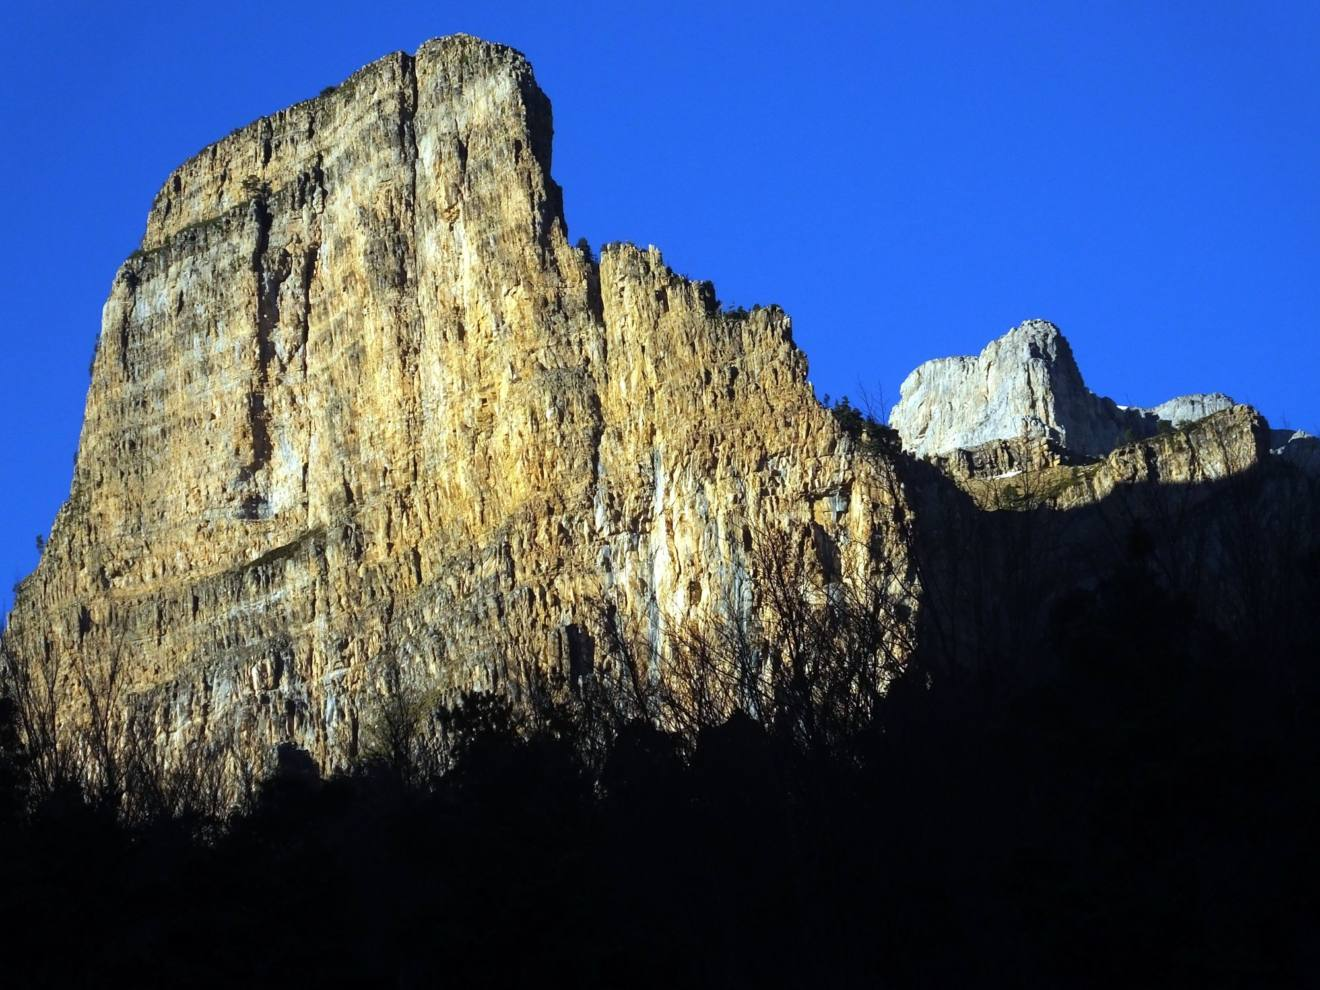 Parque Nacional de<br />                                             Ordesa y Monte Perdido, un<br />                                             centenario con muchas<br />                                             sombras